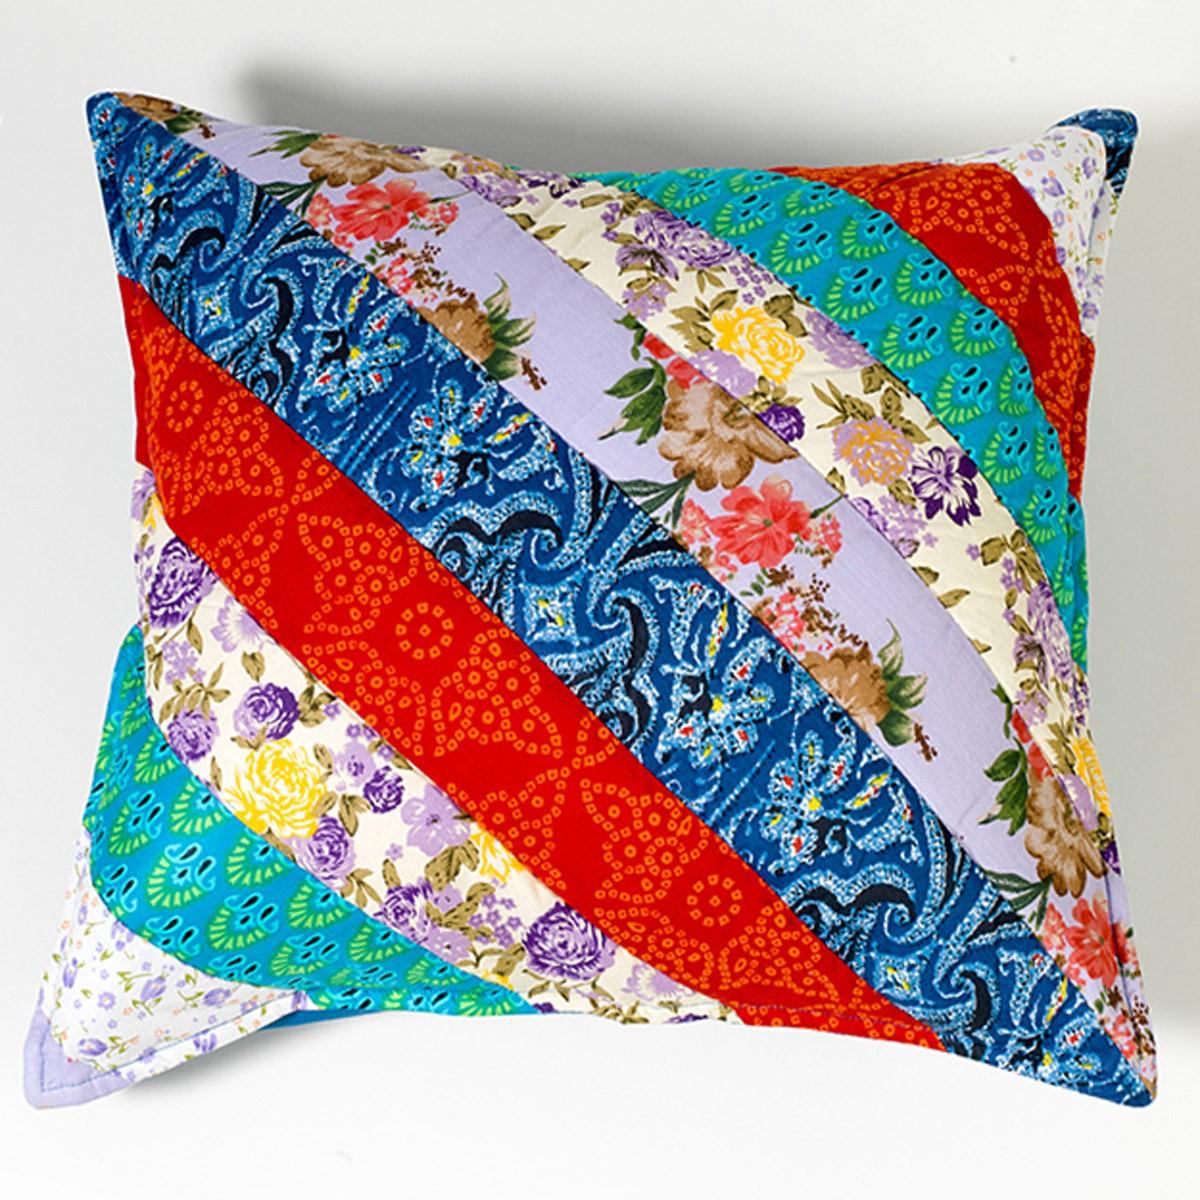 Διακοσμητική Μαξιλαροθήκη Nima Layers Anish home   κρεβατοκάμαρα   διακοσμητικά μαξιλάρια